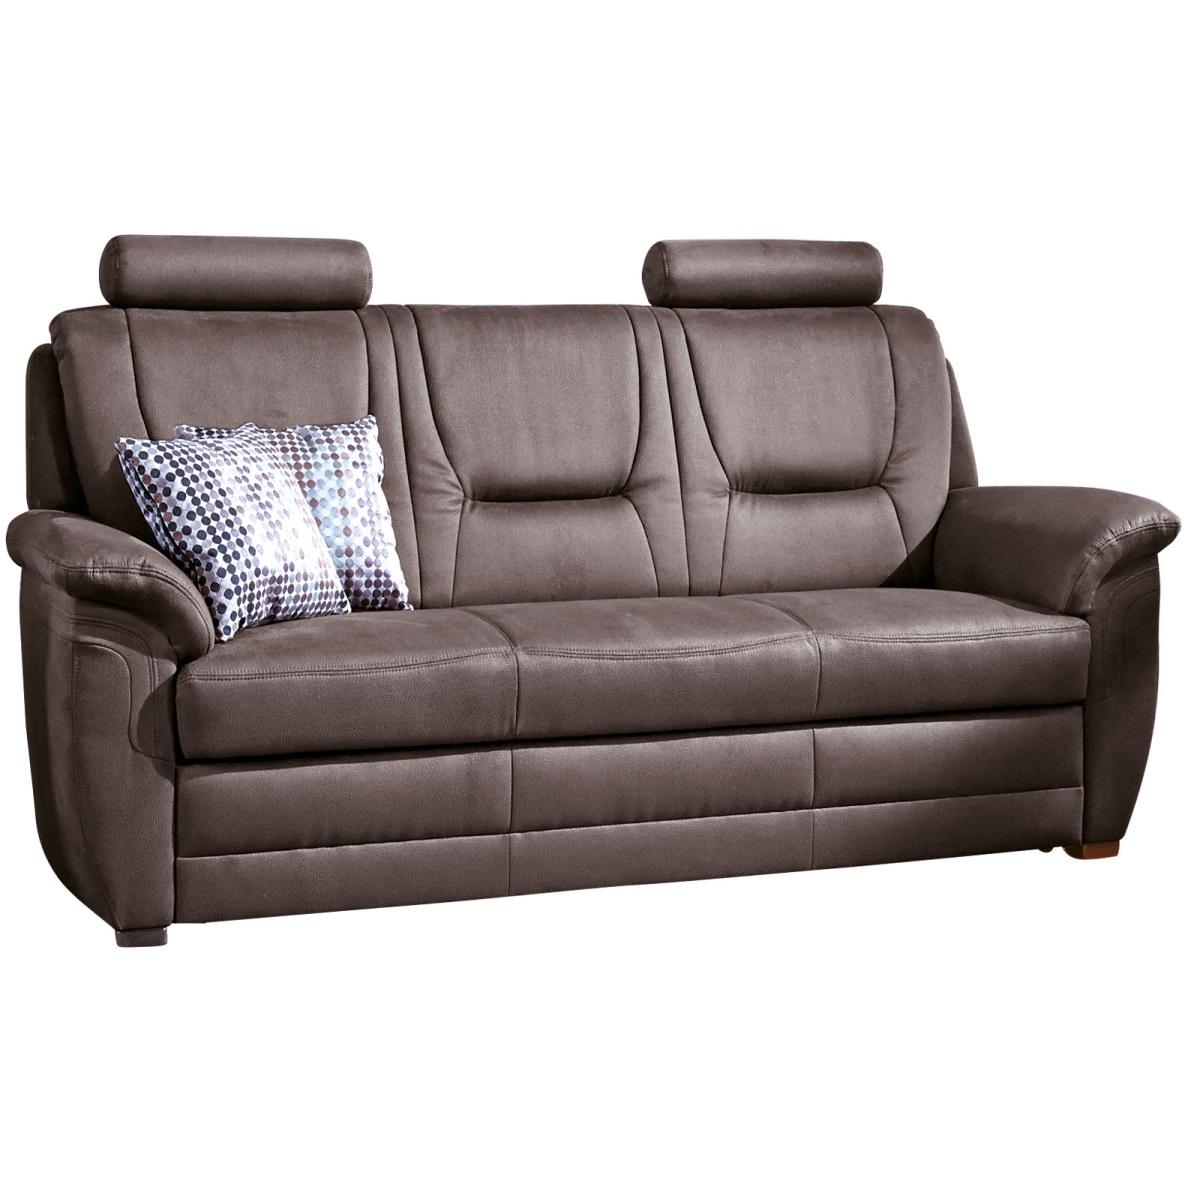 Full Size of Sofa 3 Sitzer Systempolster Relaxness 198 96 92 Cm Stoffbezug Lagerverkauf Kinderzimmer Landhausstil Mit Schlaffunktion Federkern Himolla Günstige Teilig 2 5 Sofa Sofa 3 Sitzer